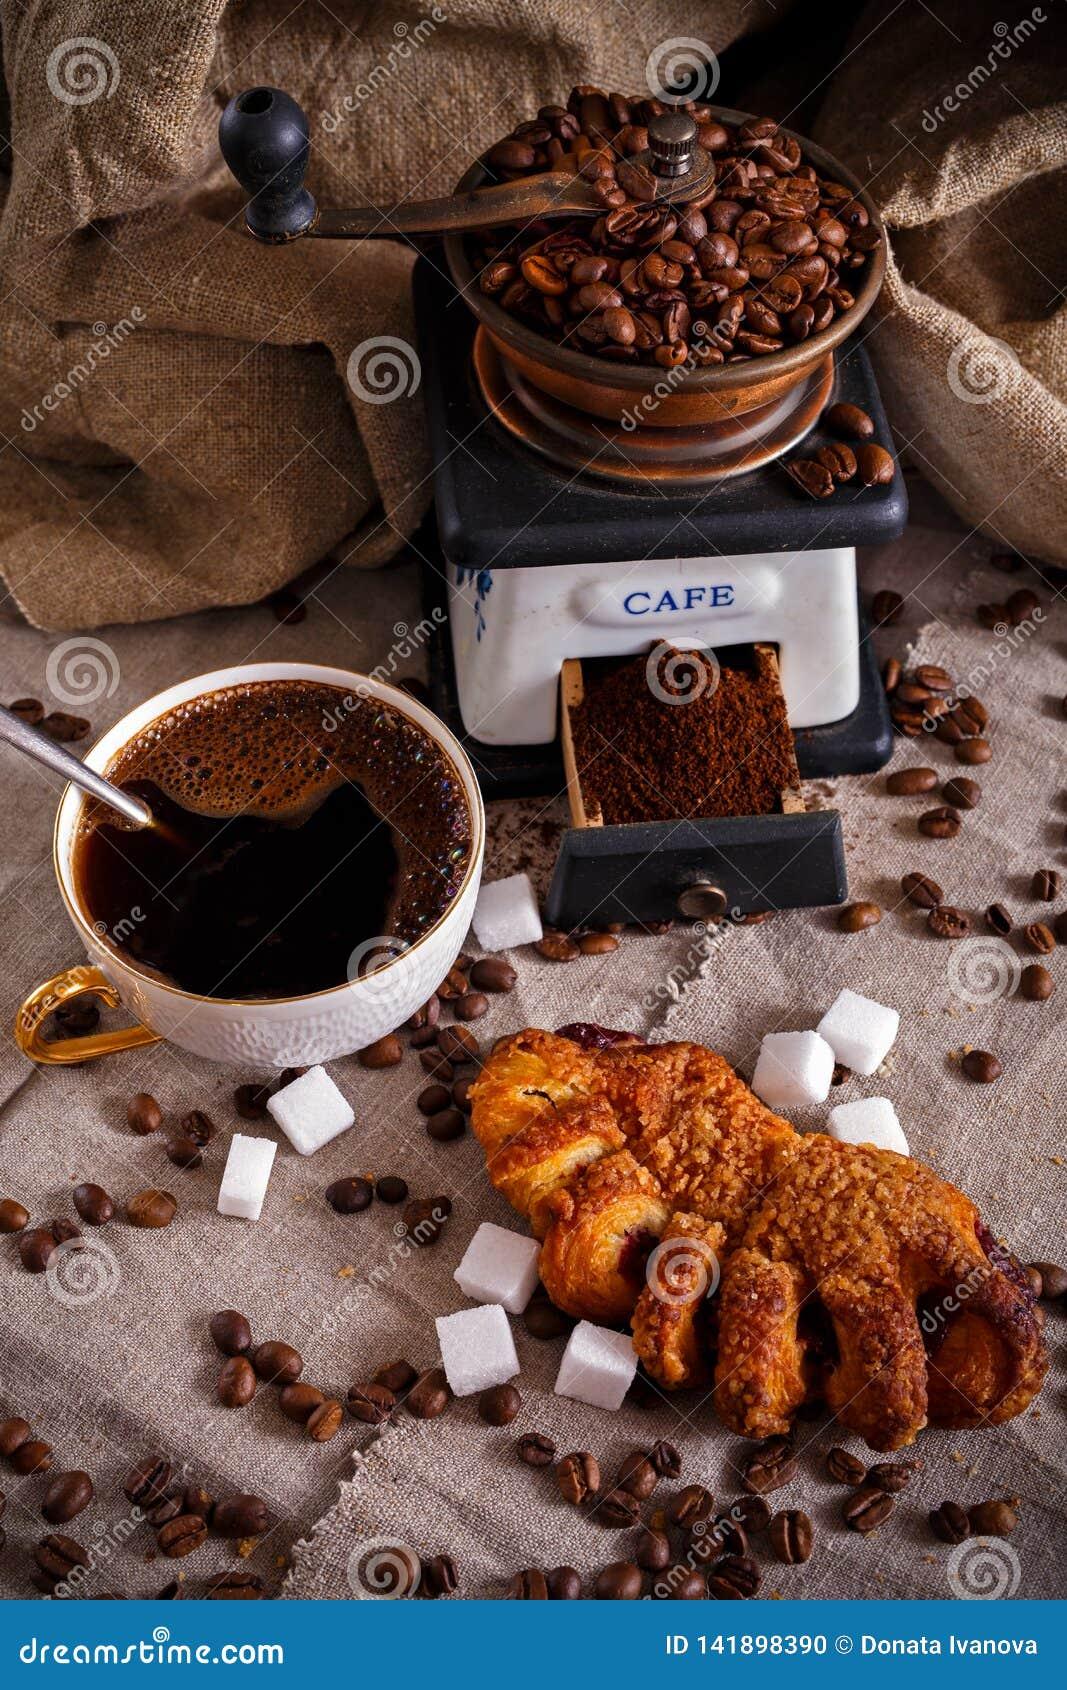 Una taza de café sólo con un pretzel, un molino de café y los granos de café dispersados en una tabla cubierta con arpillera